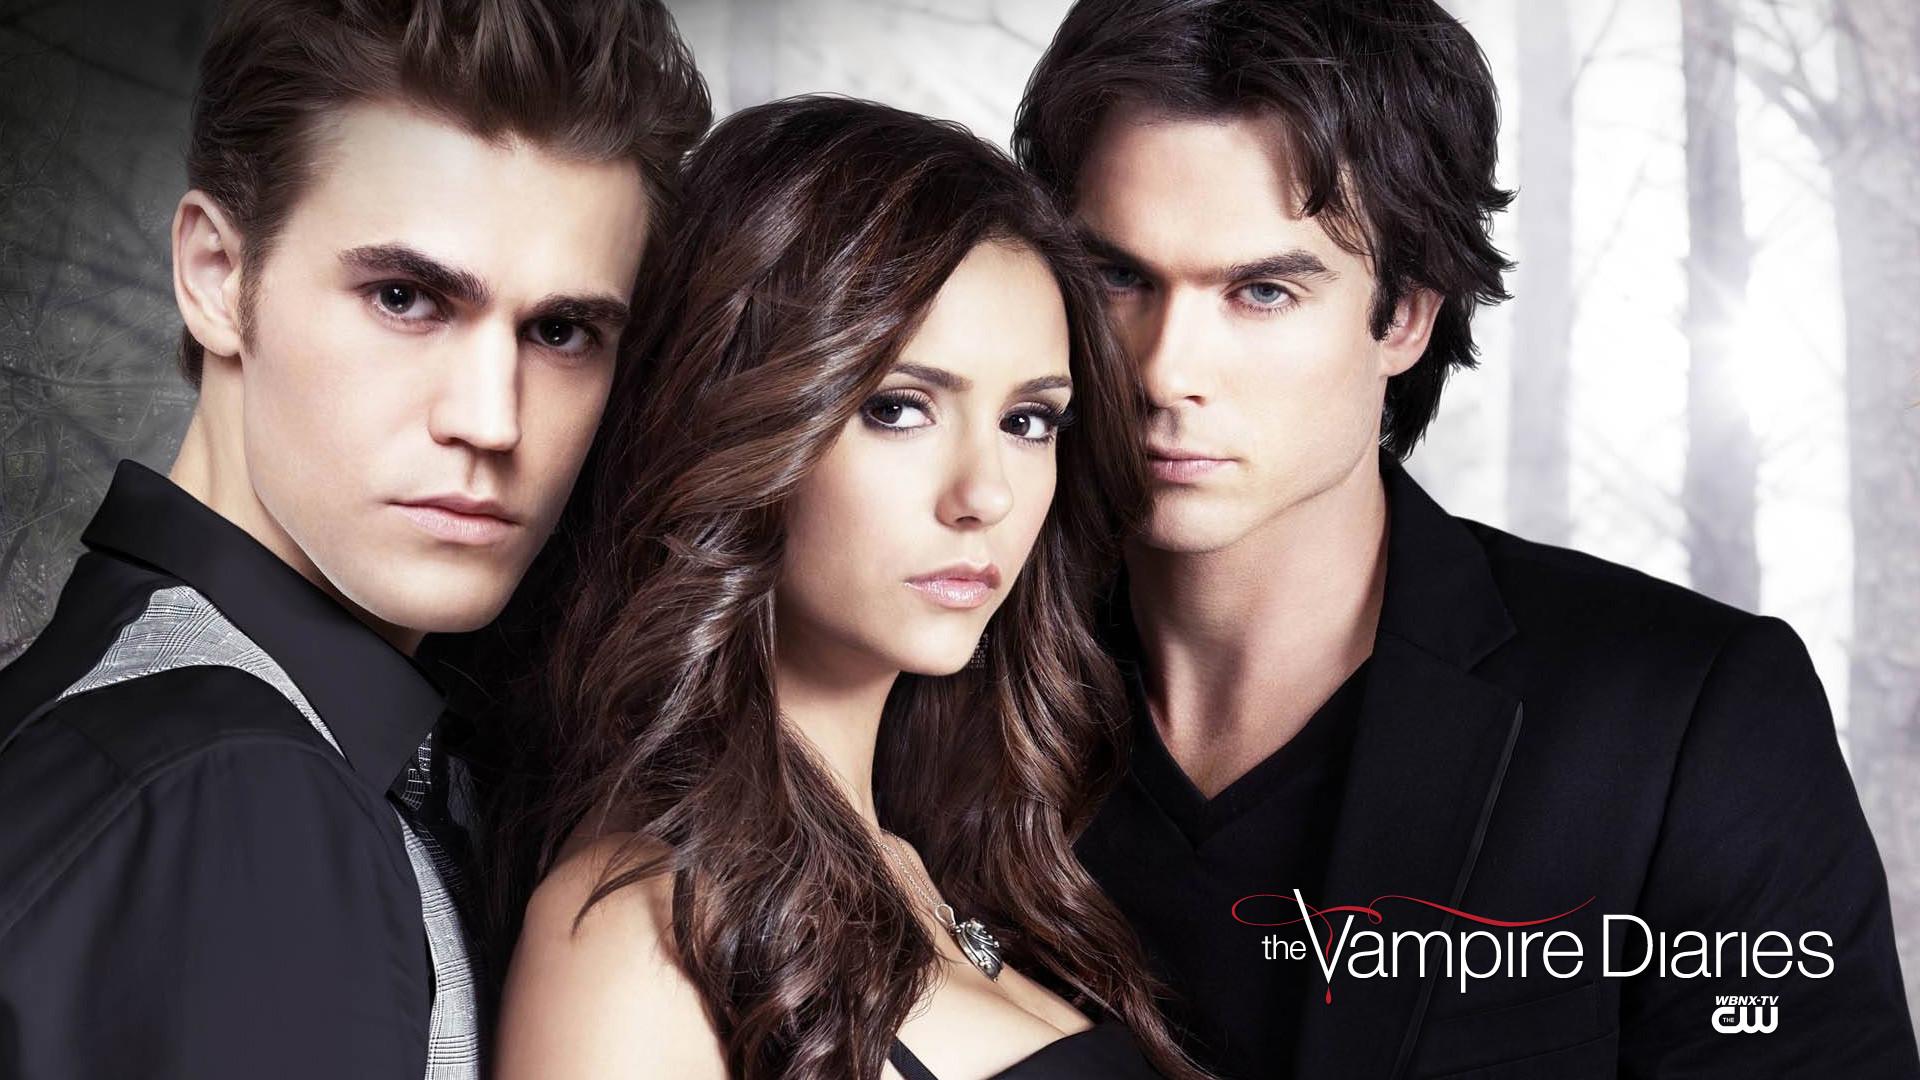 The Vampire Diaries 430715 1920x1200